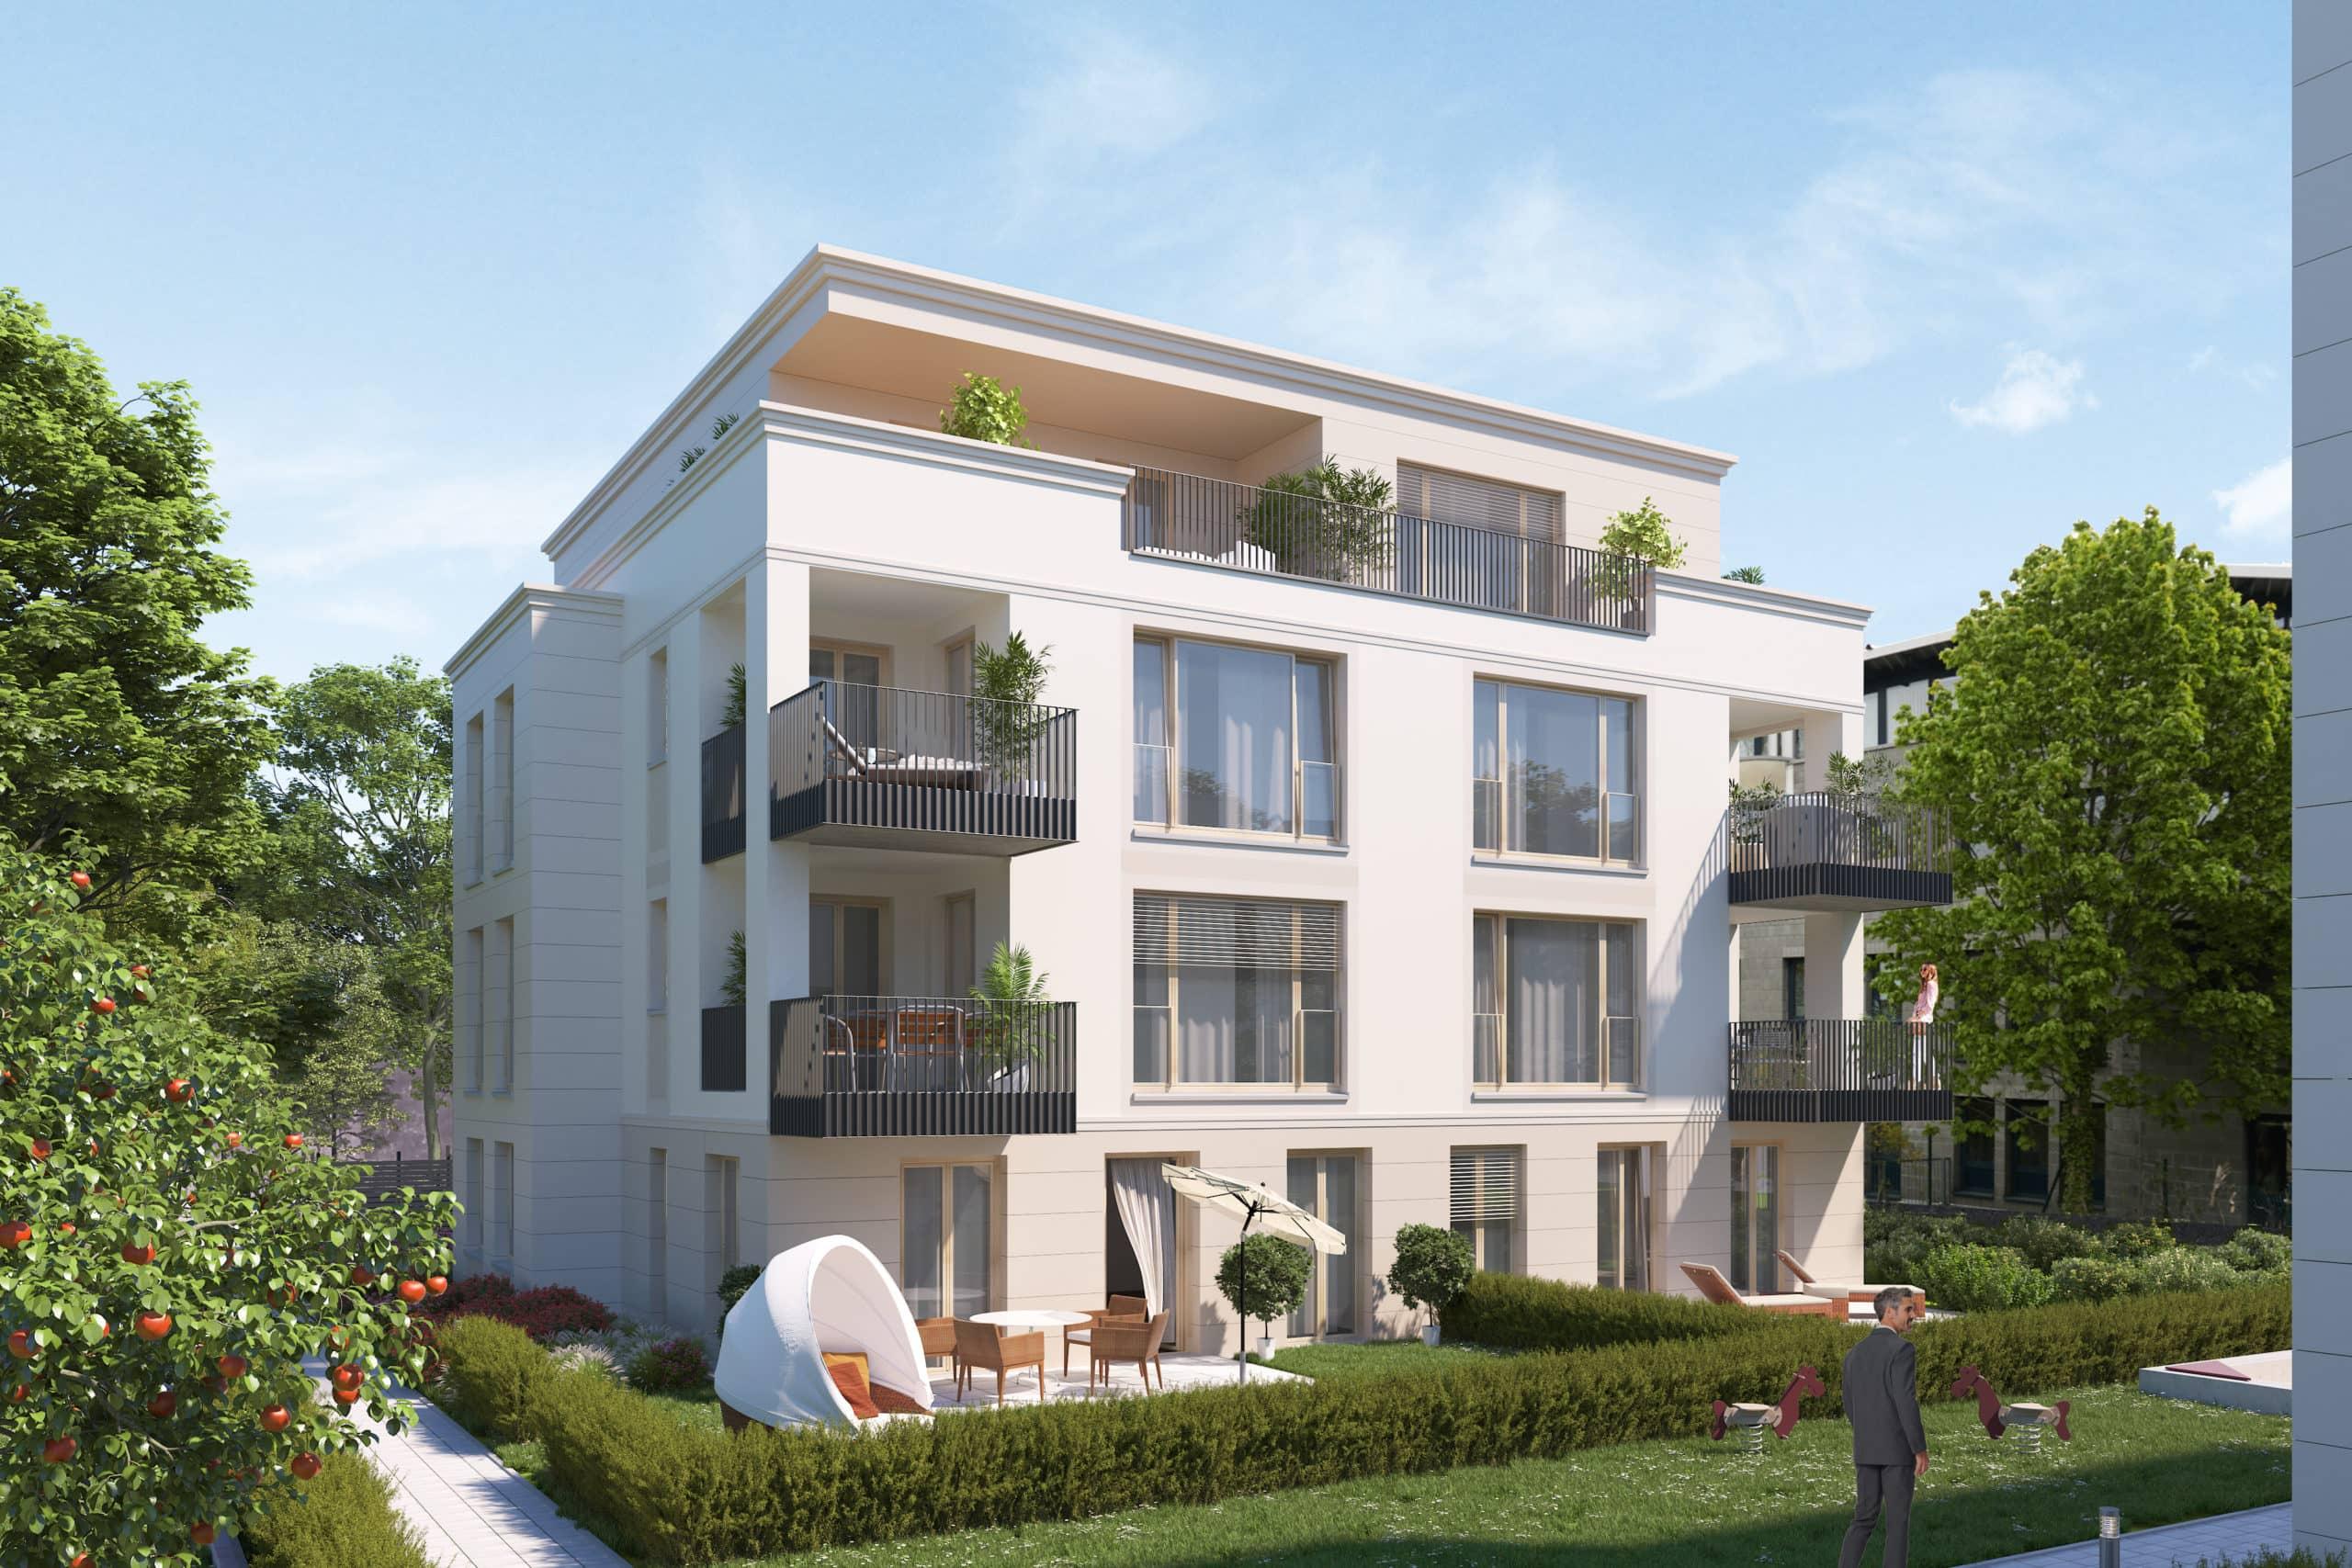 Bild Eigentumswohnung Heubnerstr. 18 a, b – Wohnung 01 mit Garten 1